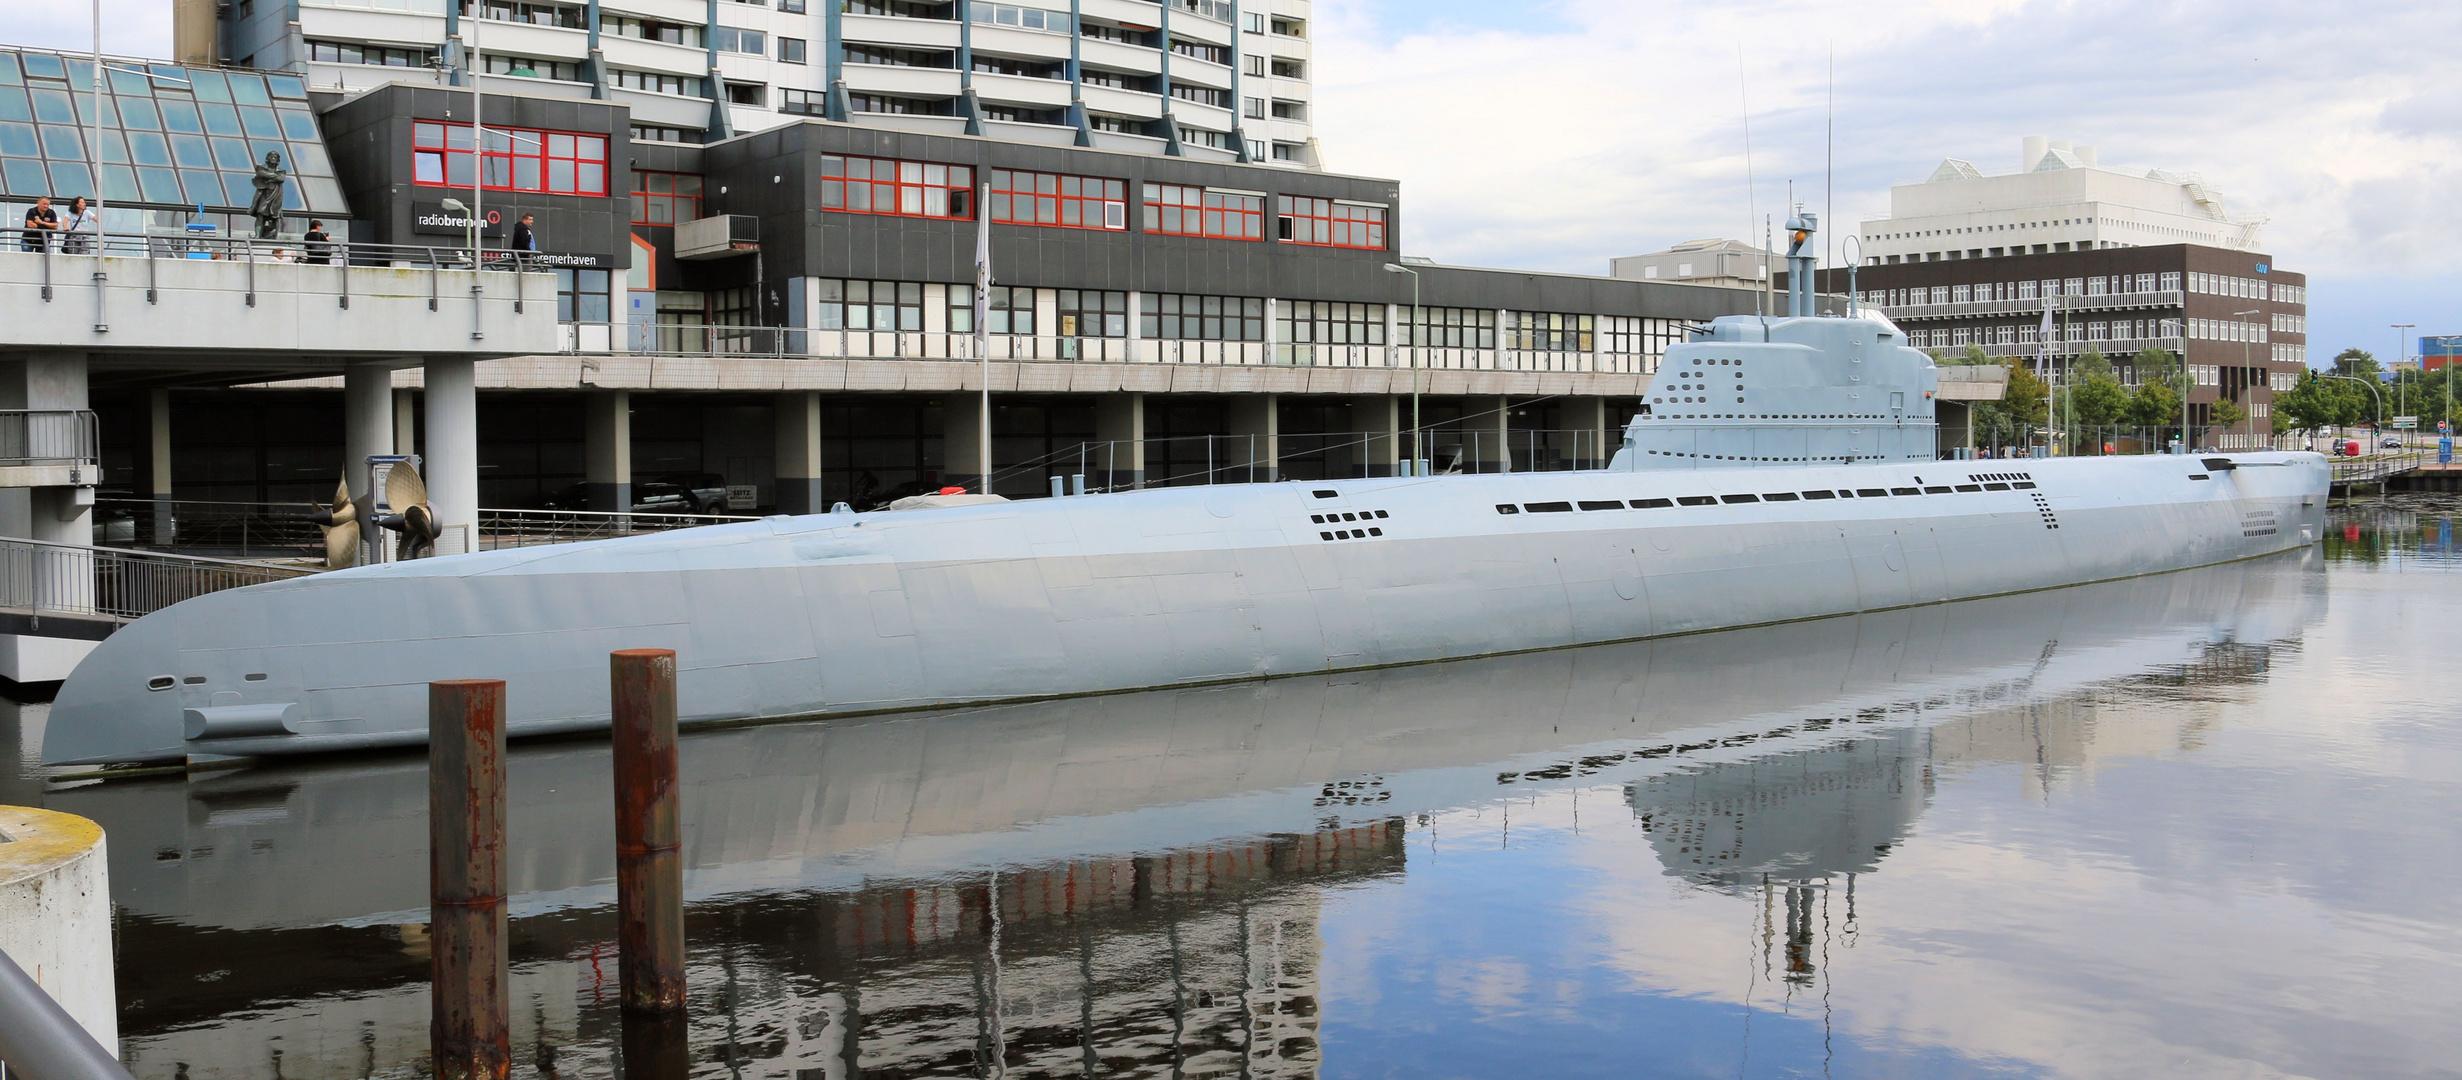 Bauer- U-Boot